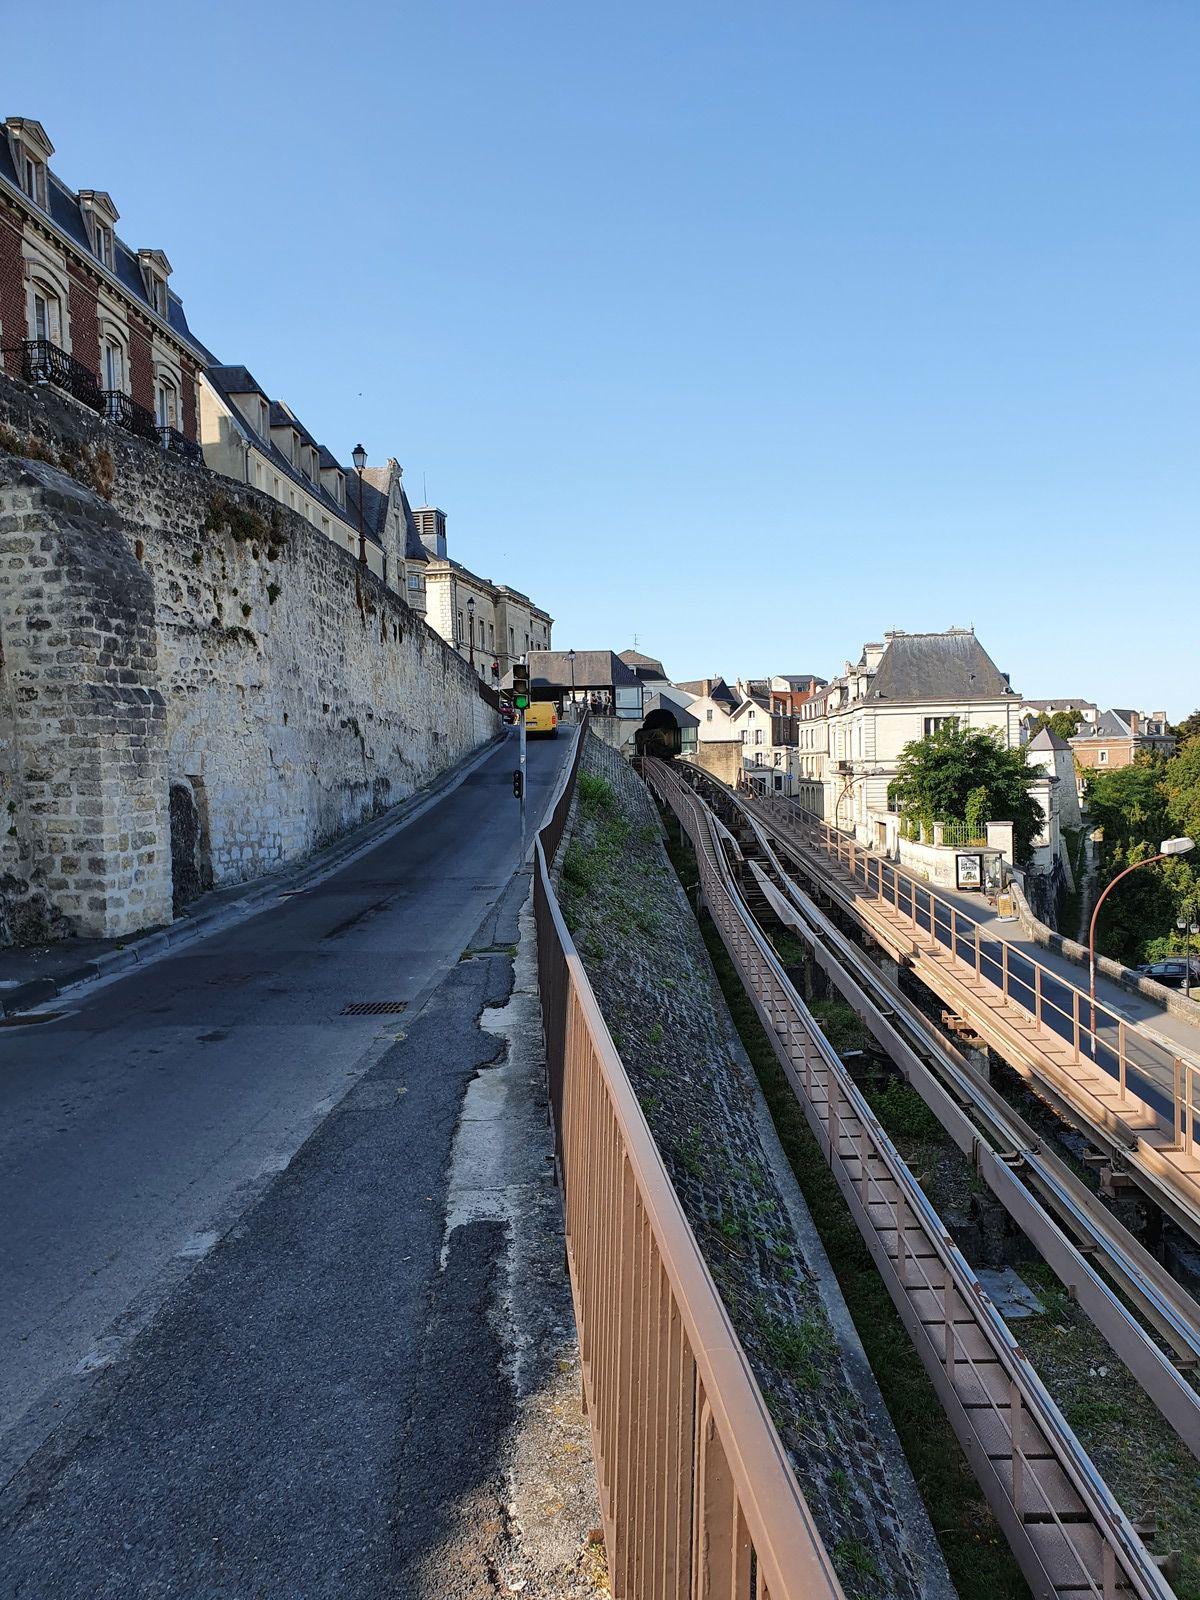 14 septembre 2020 - La Via Francigena de Laon à l'Abbaye de Vauclair